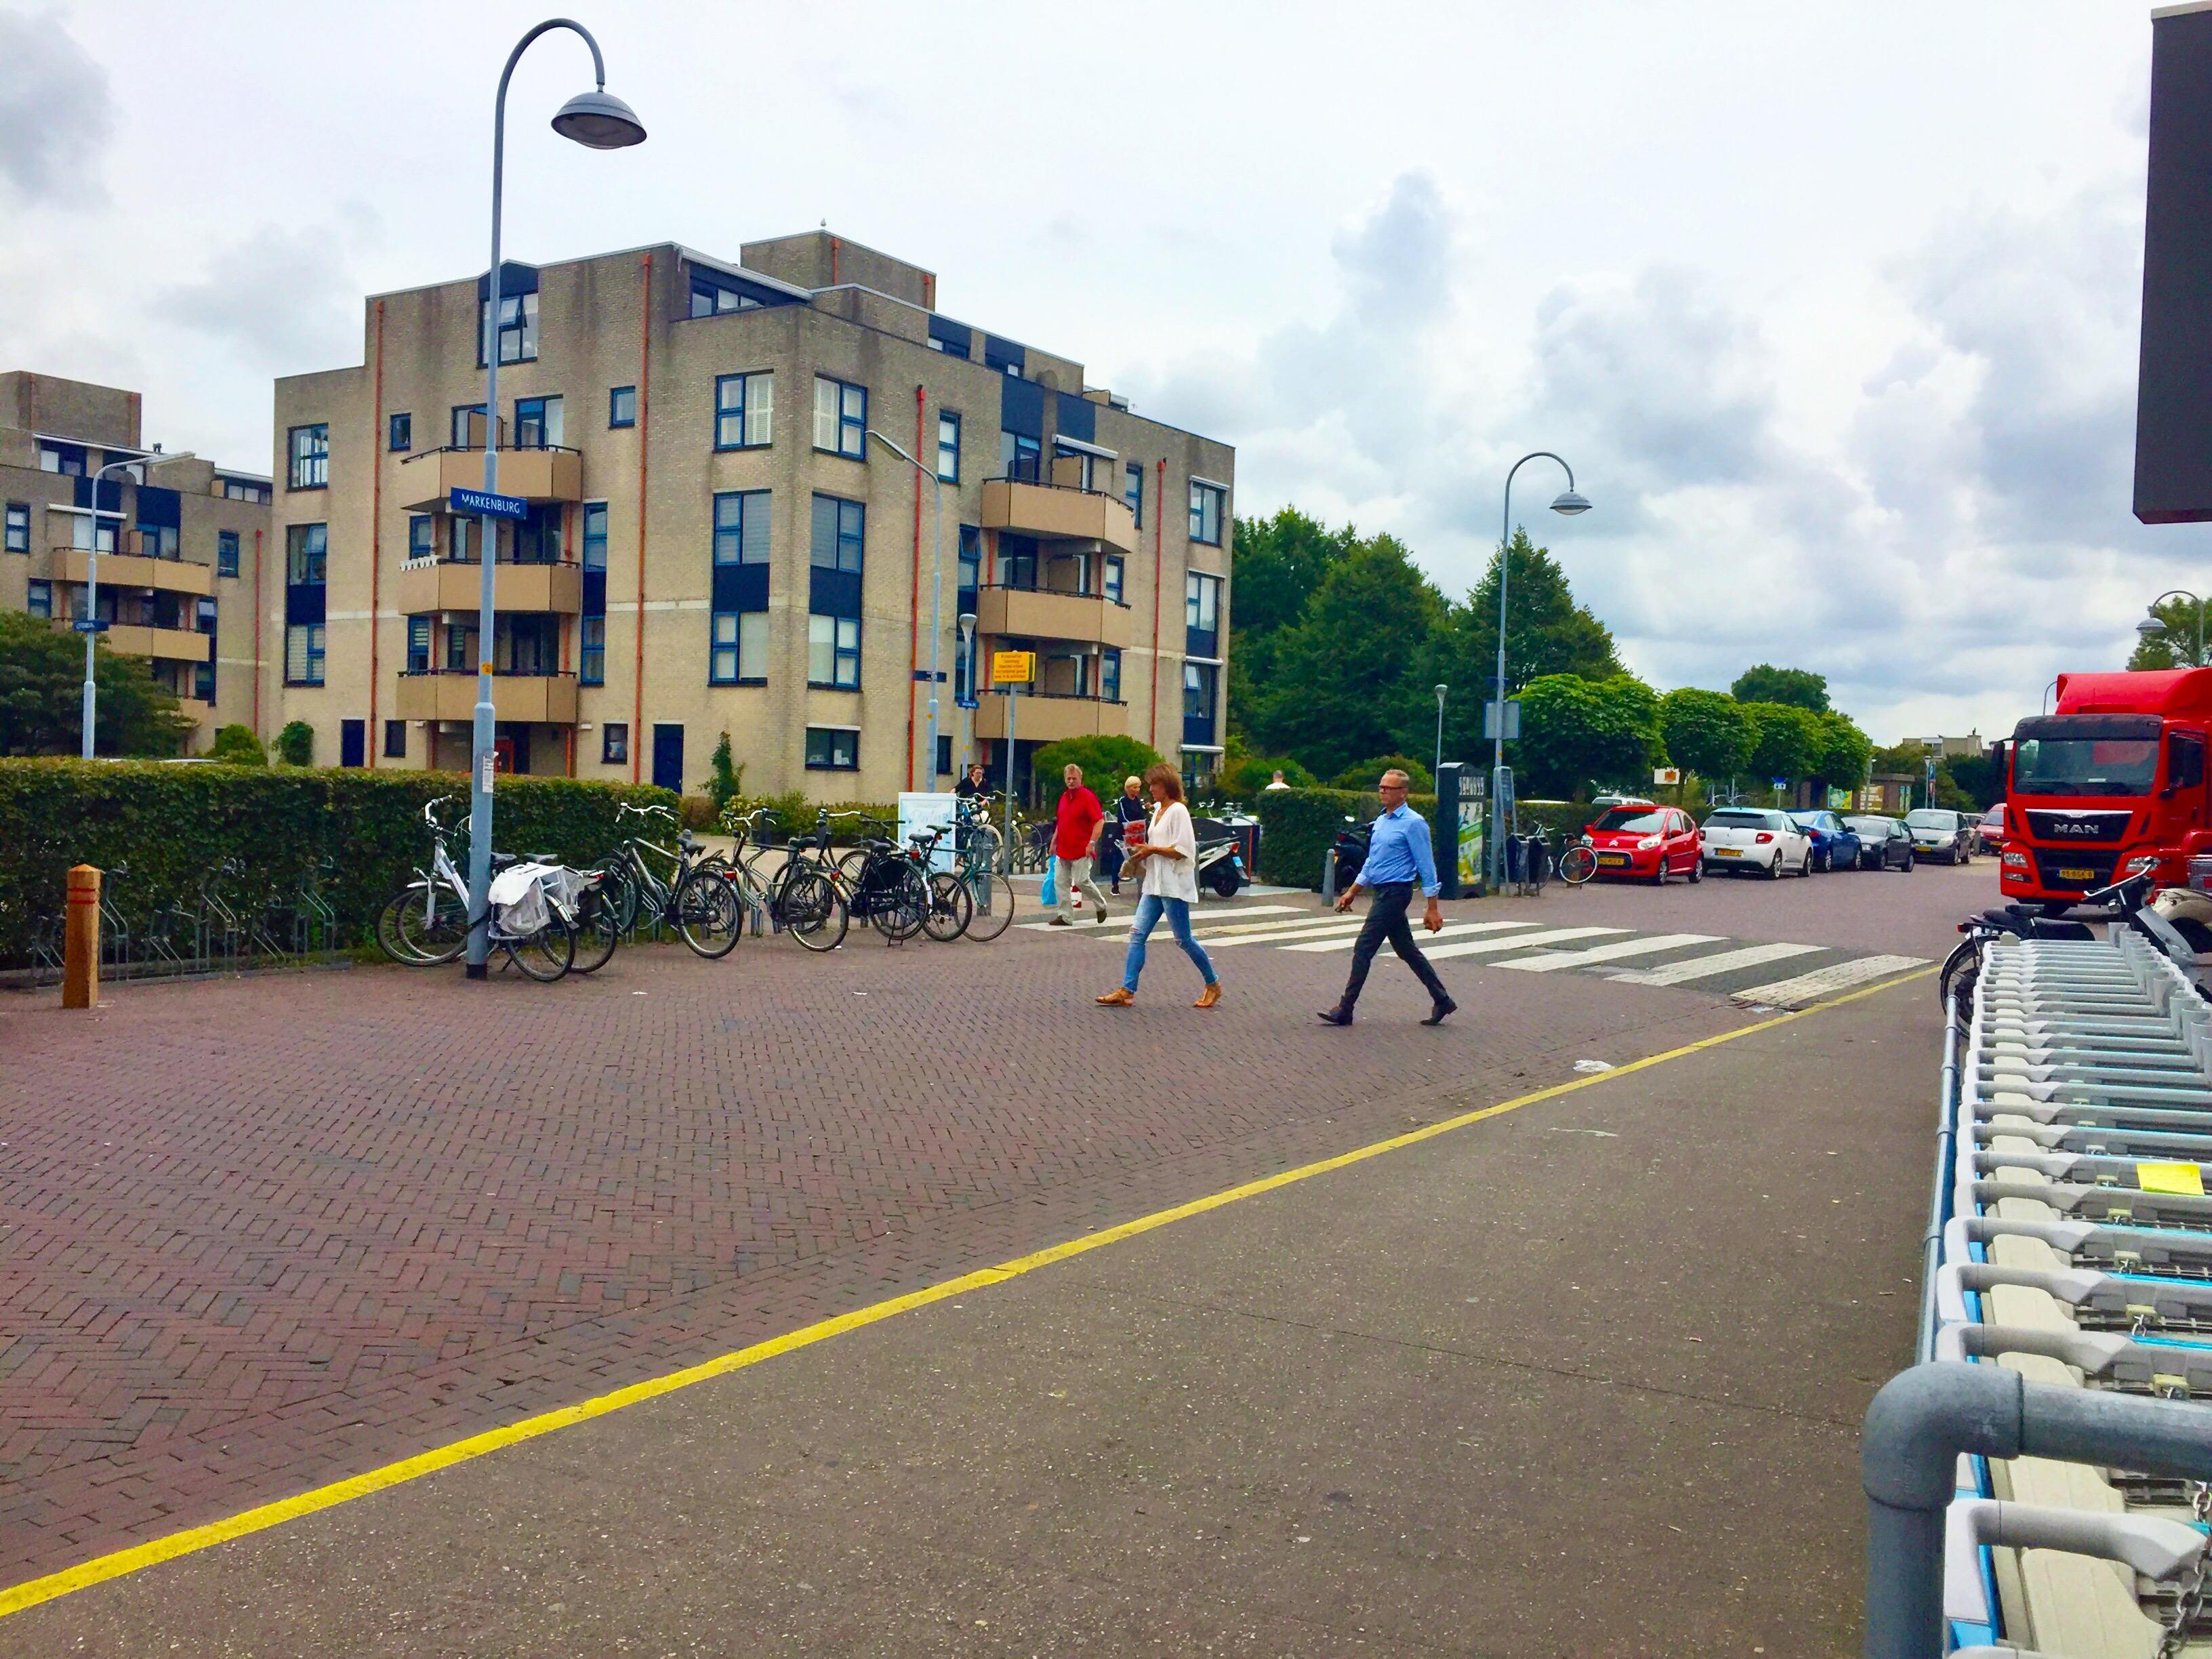 Wijkraad Toolenburg blij met aanpassingen rond winkelcentrum